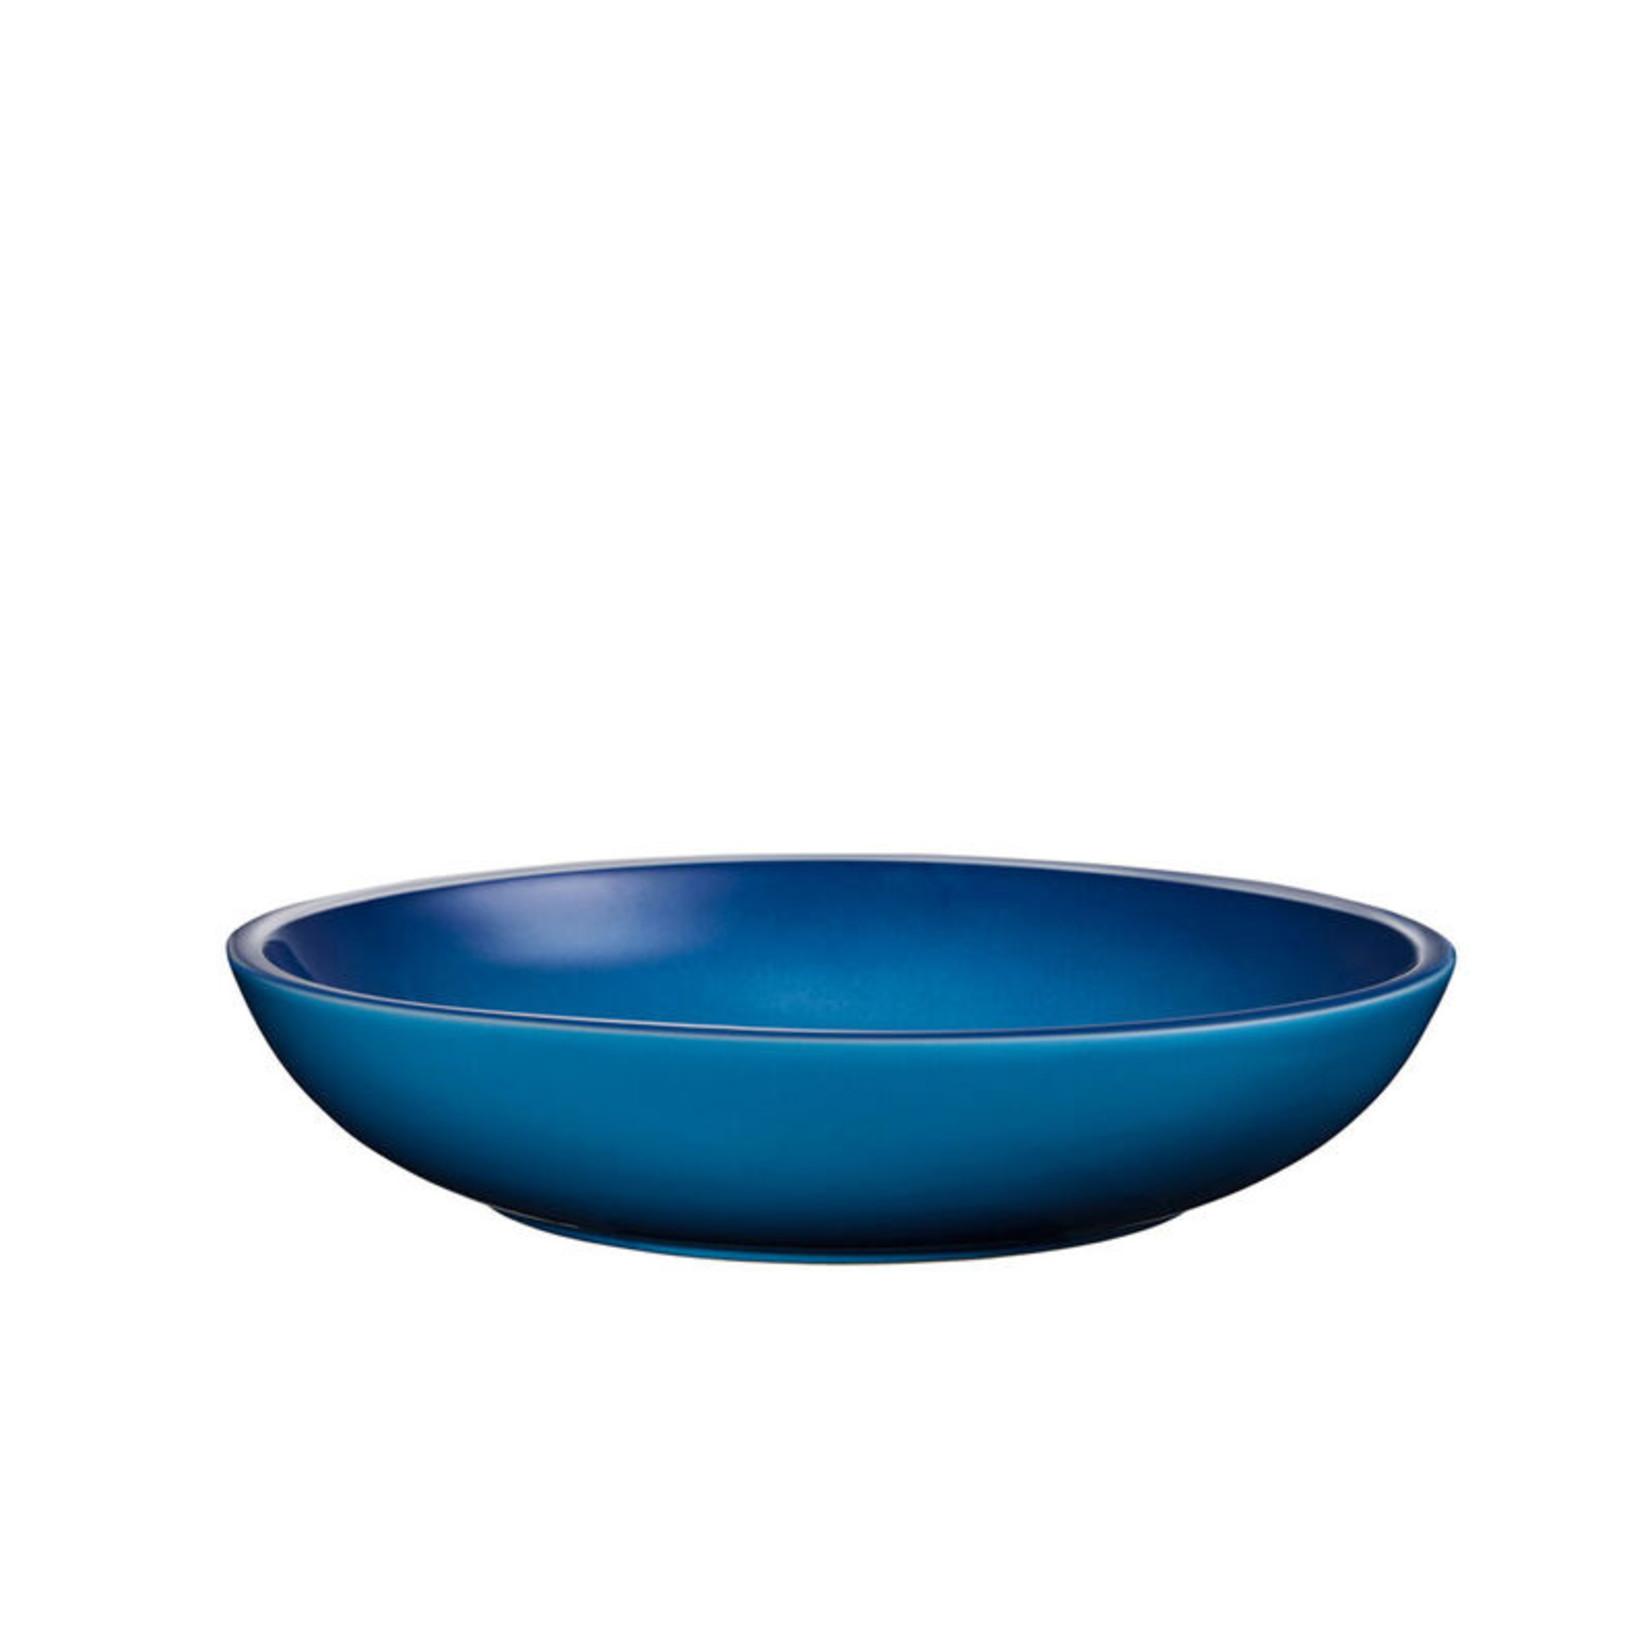 Le Creuset Minimalist Coupe Pasta Bowl